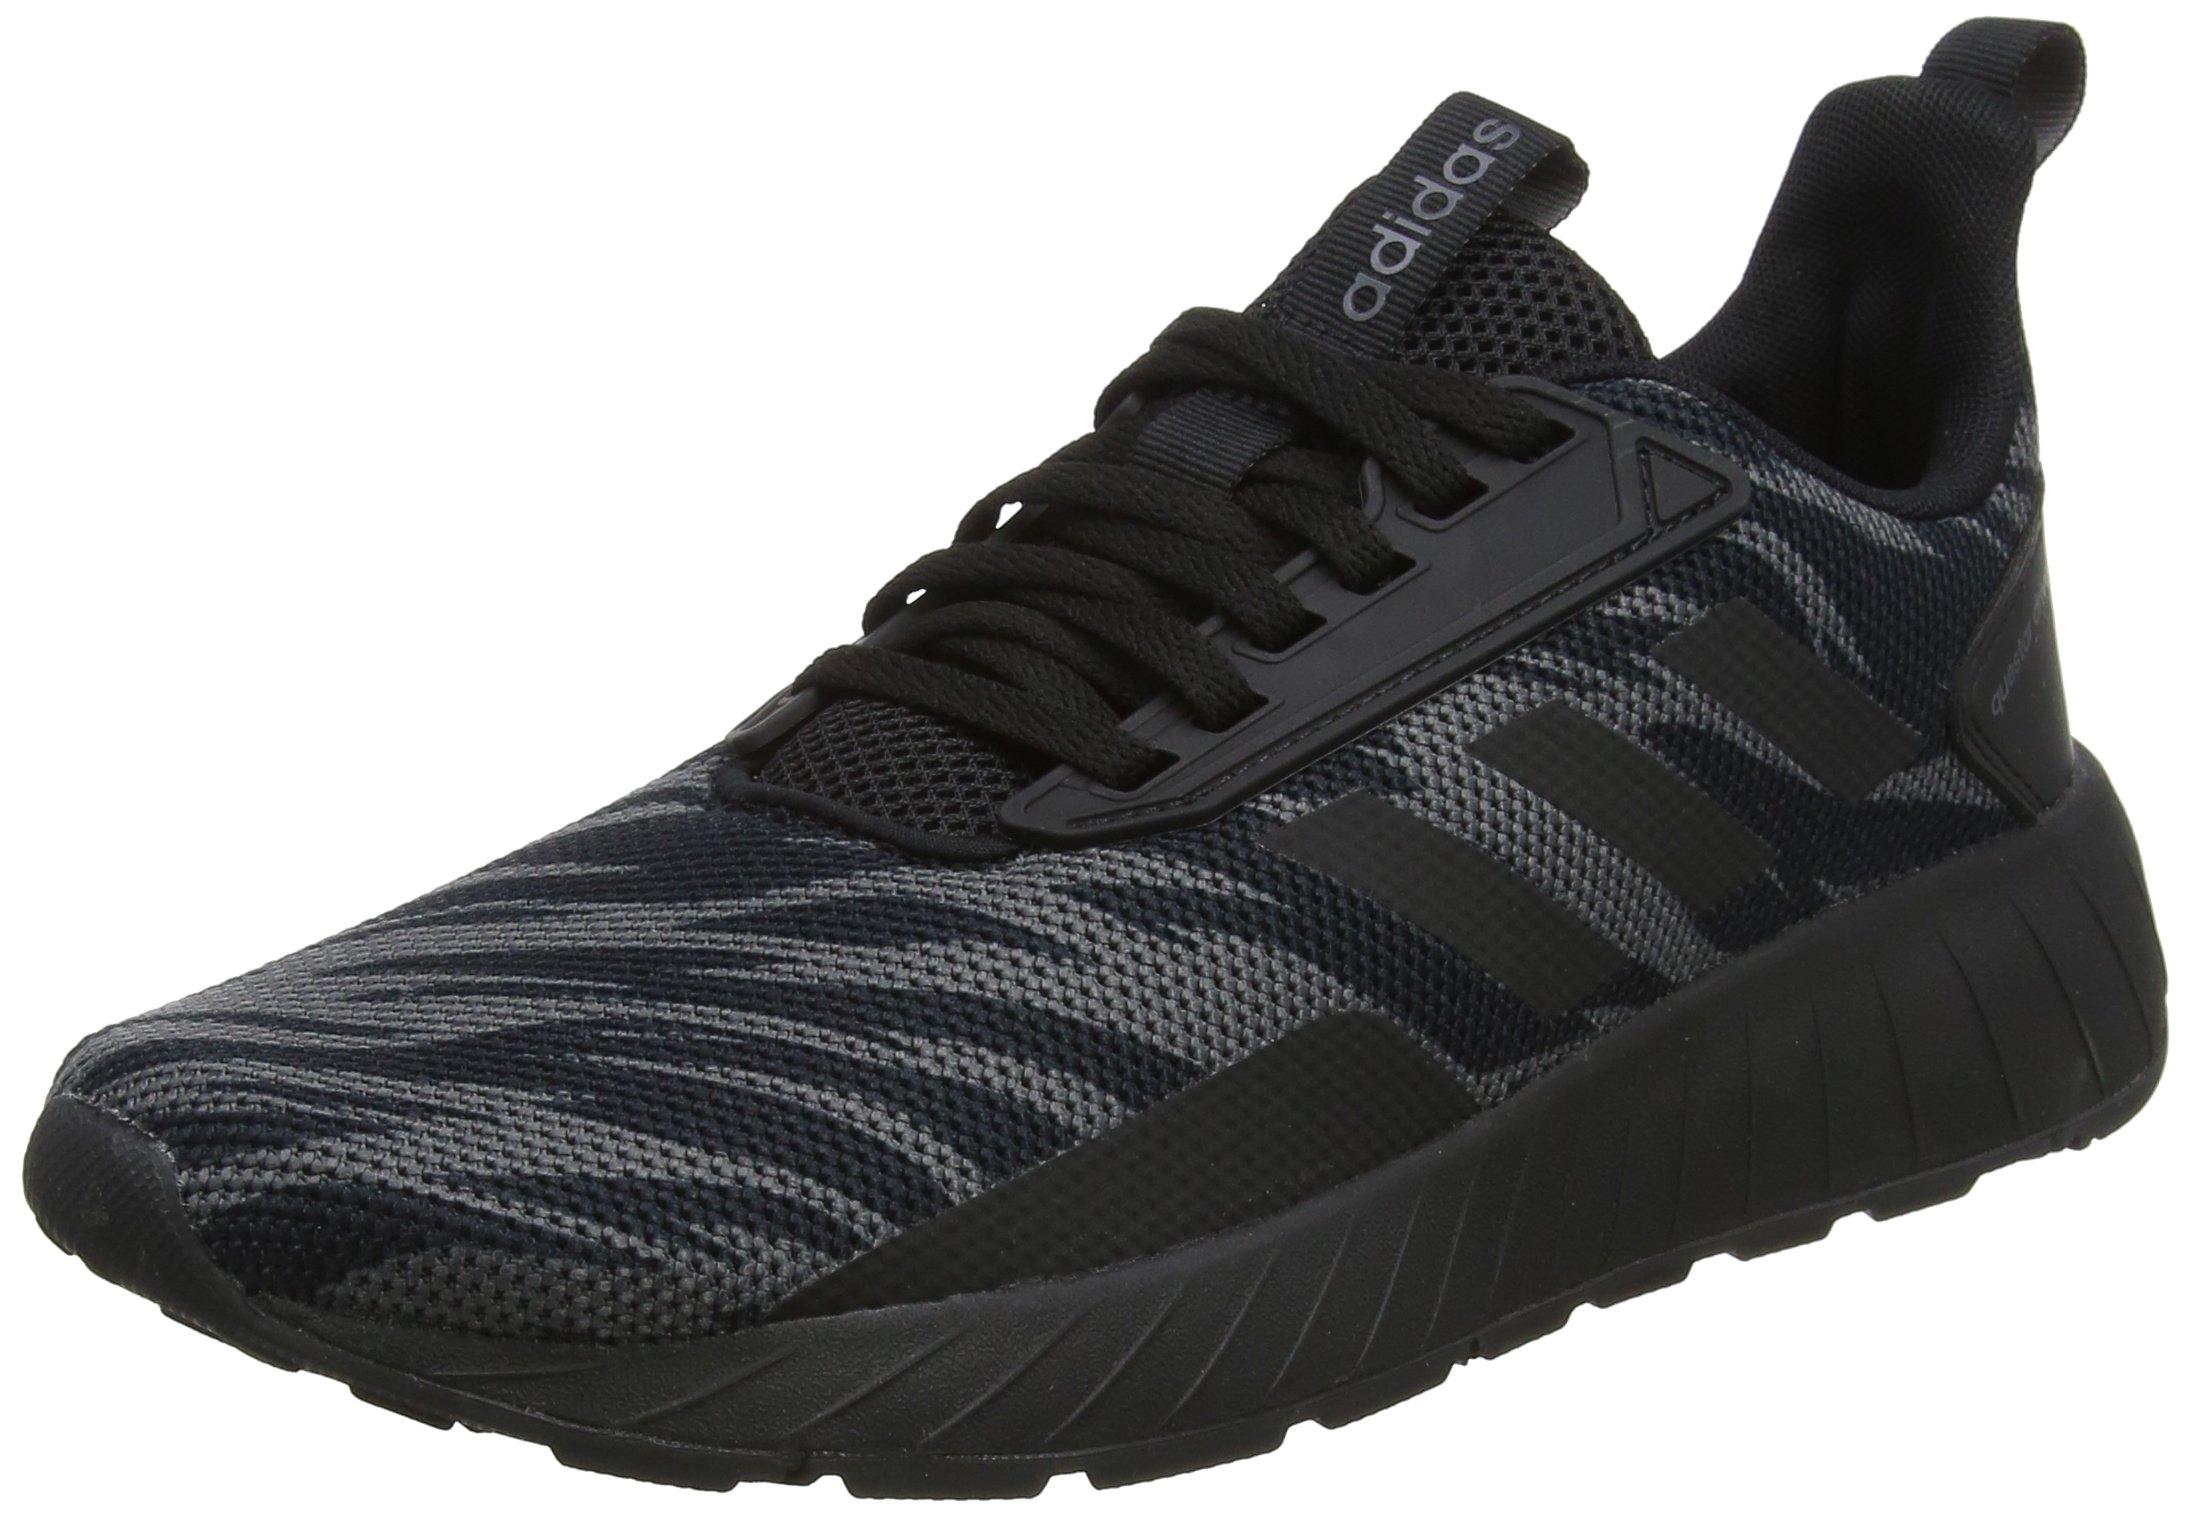 Adidas 3 2 DriveChaussures De Running HommeNoir 044 Black Eu grey Questar Core Five thxodrCsQB